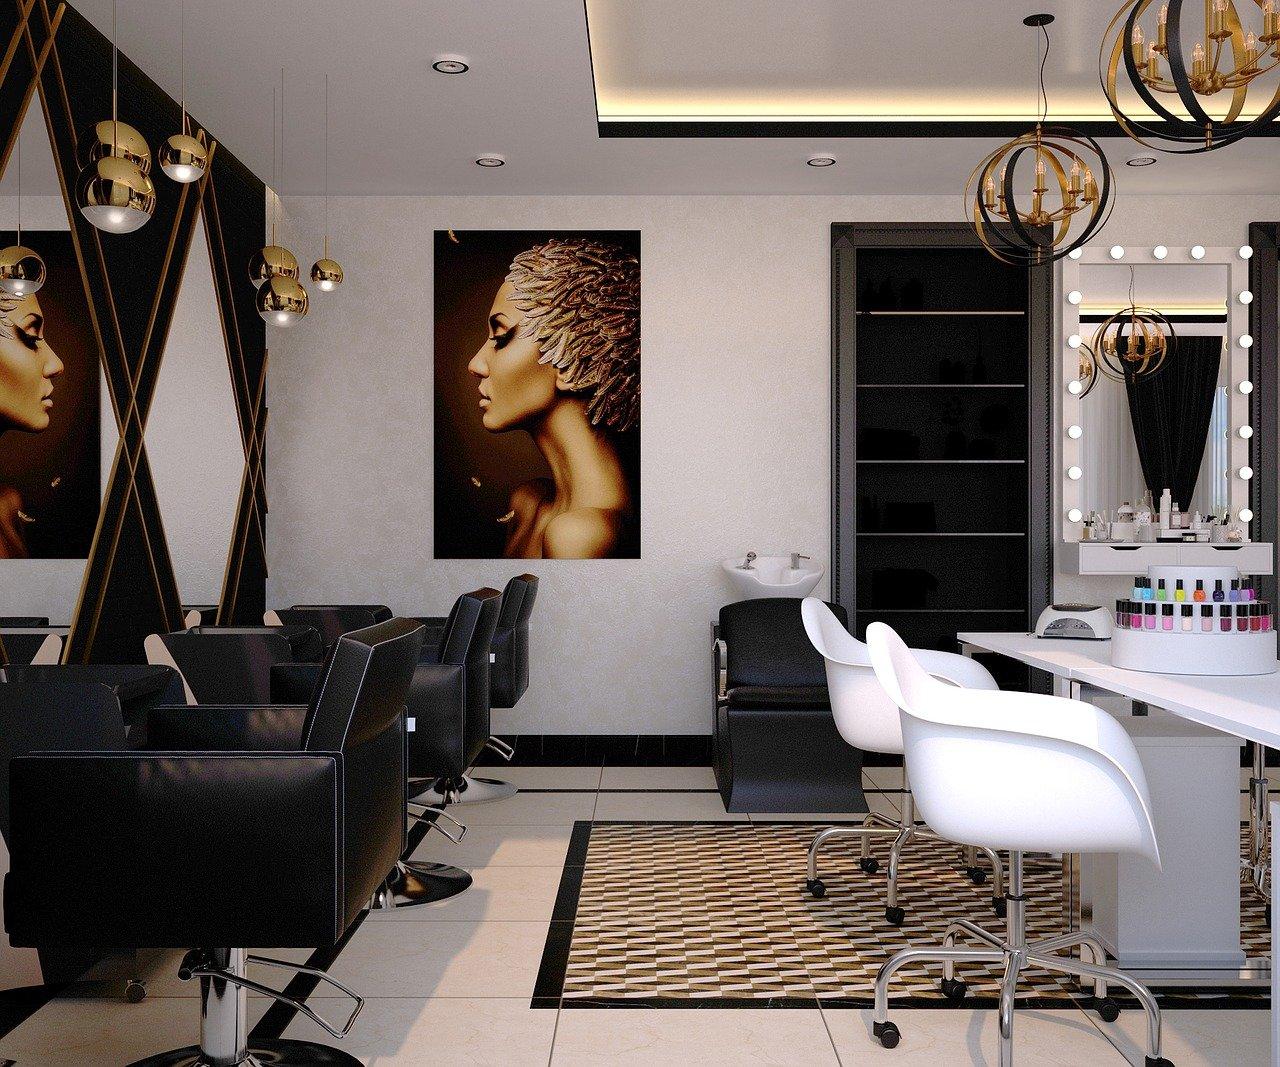 Comment bien choisir son mobilier coiffure pour un salon attrayant et accueillant?